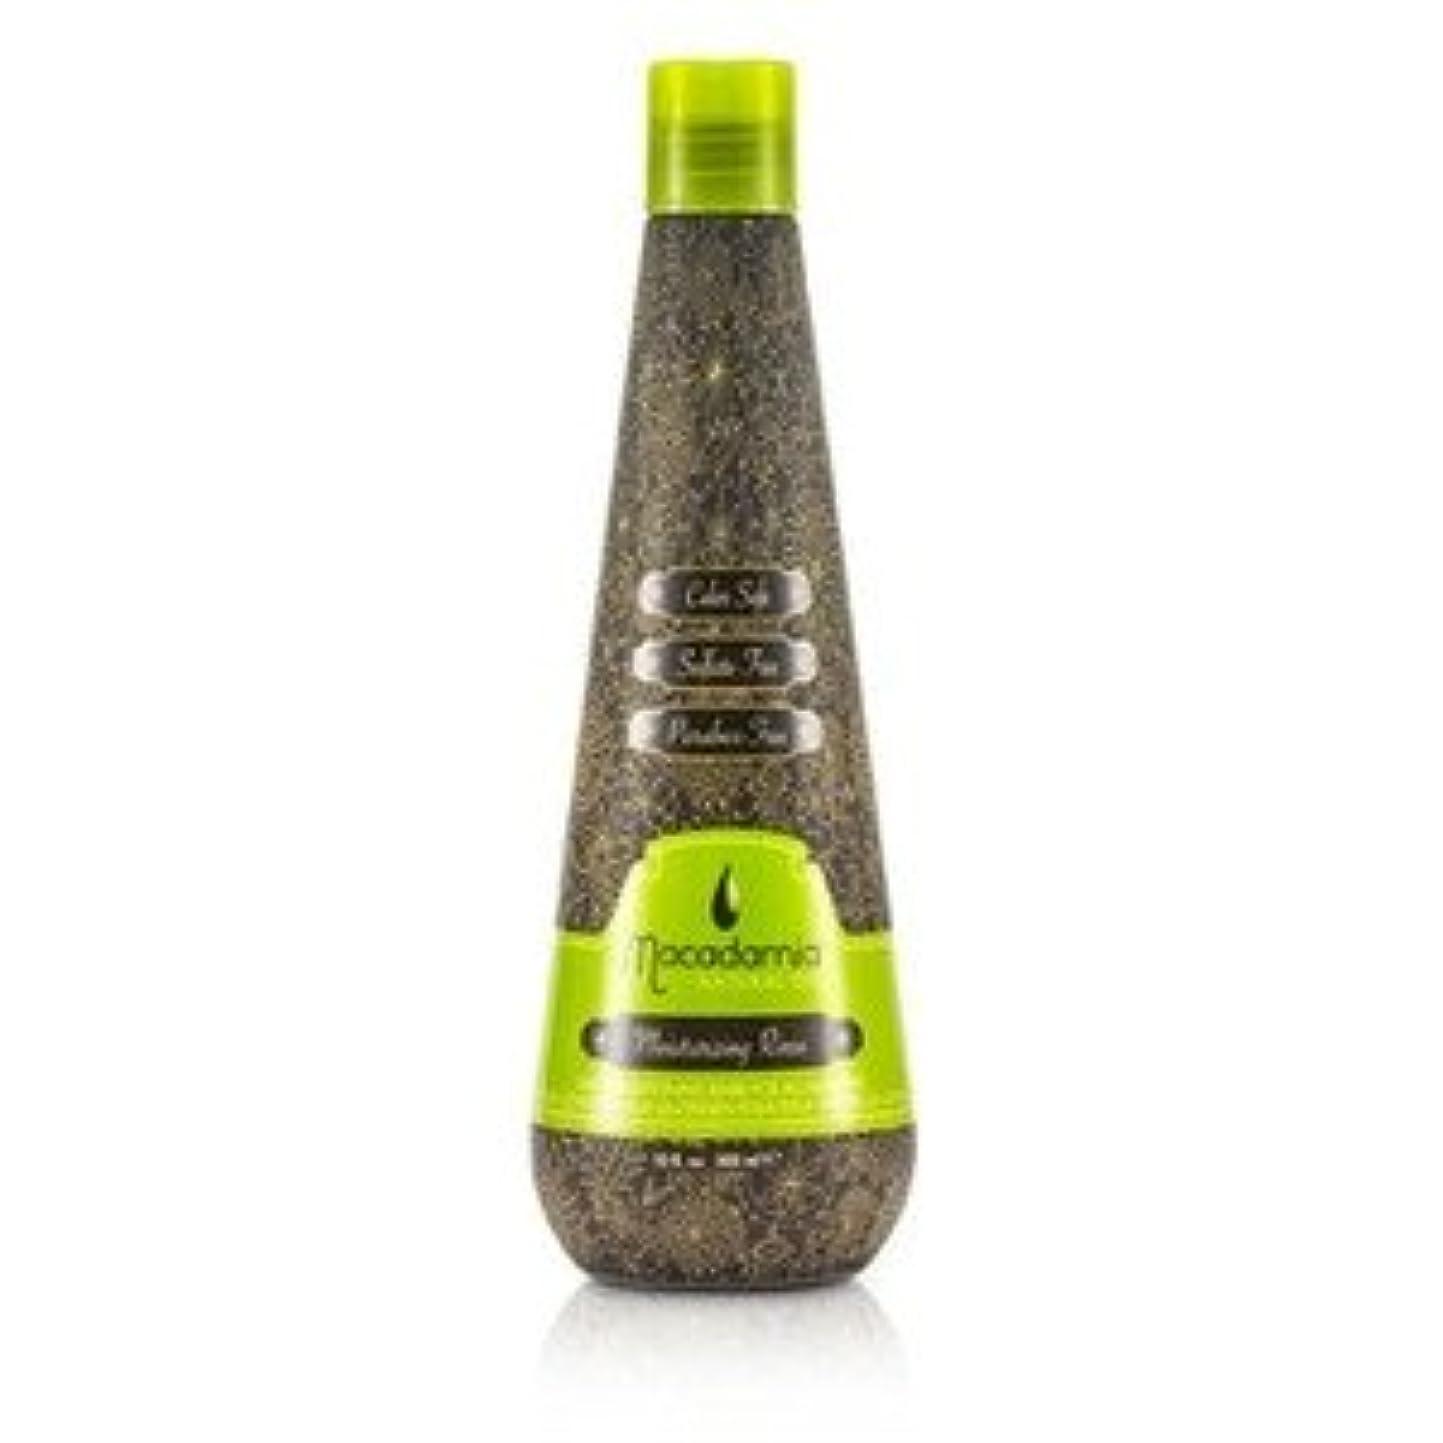 変更受け取るスリットマカダミア ナチュラルオイル(Macadamia NATURAL OIL) モイスチャライジング デイリー コンディショニング リンス(オールヘアタイプ) 300ml/10oz [並行輸入品]